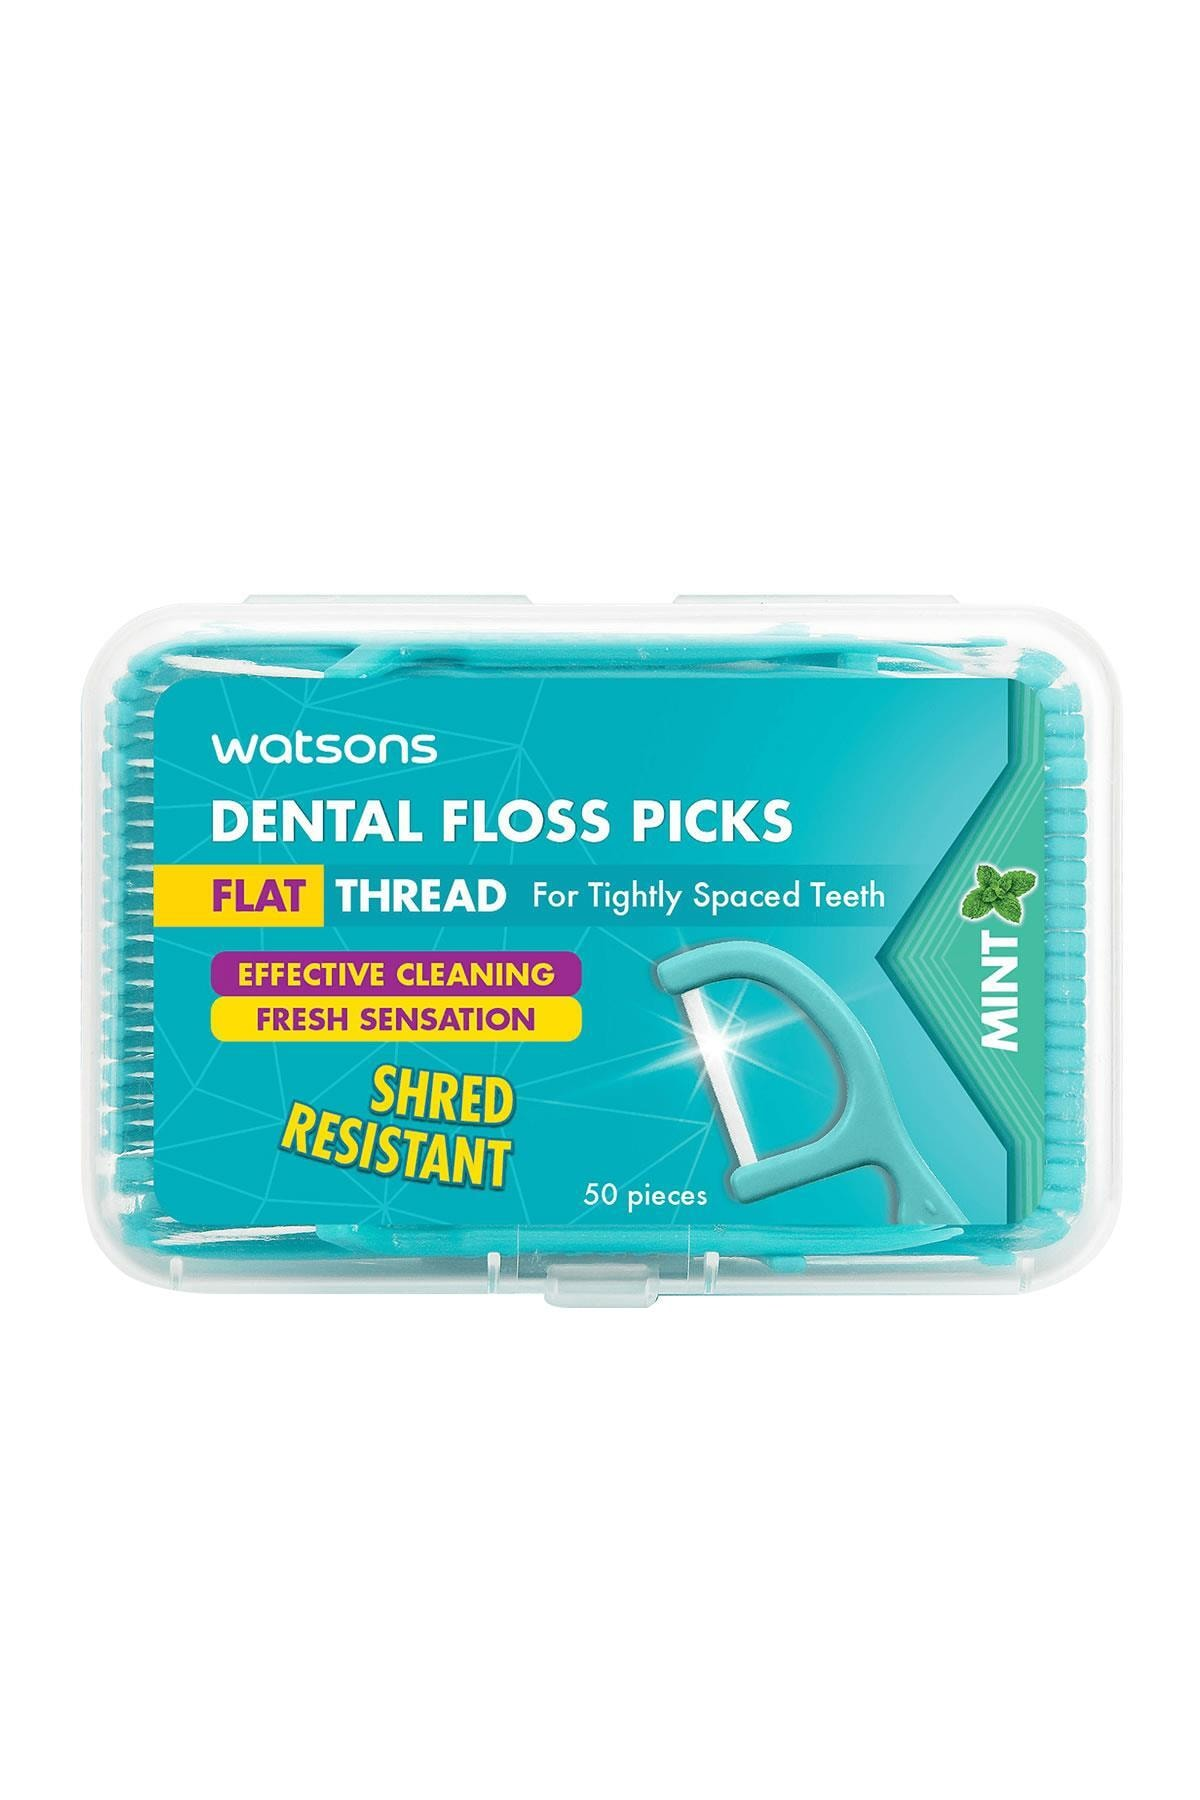 Watsons Mint Flat ThDental Floss Picks 50sx1box 4894532391141